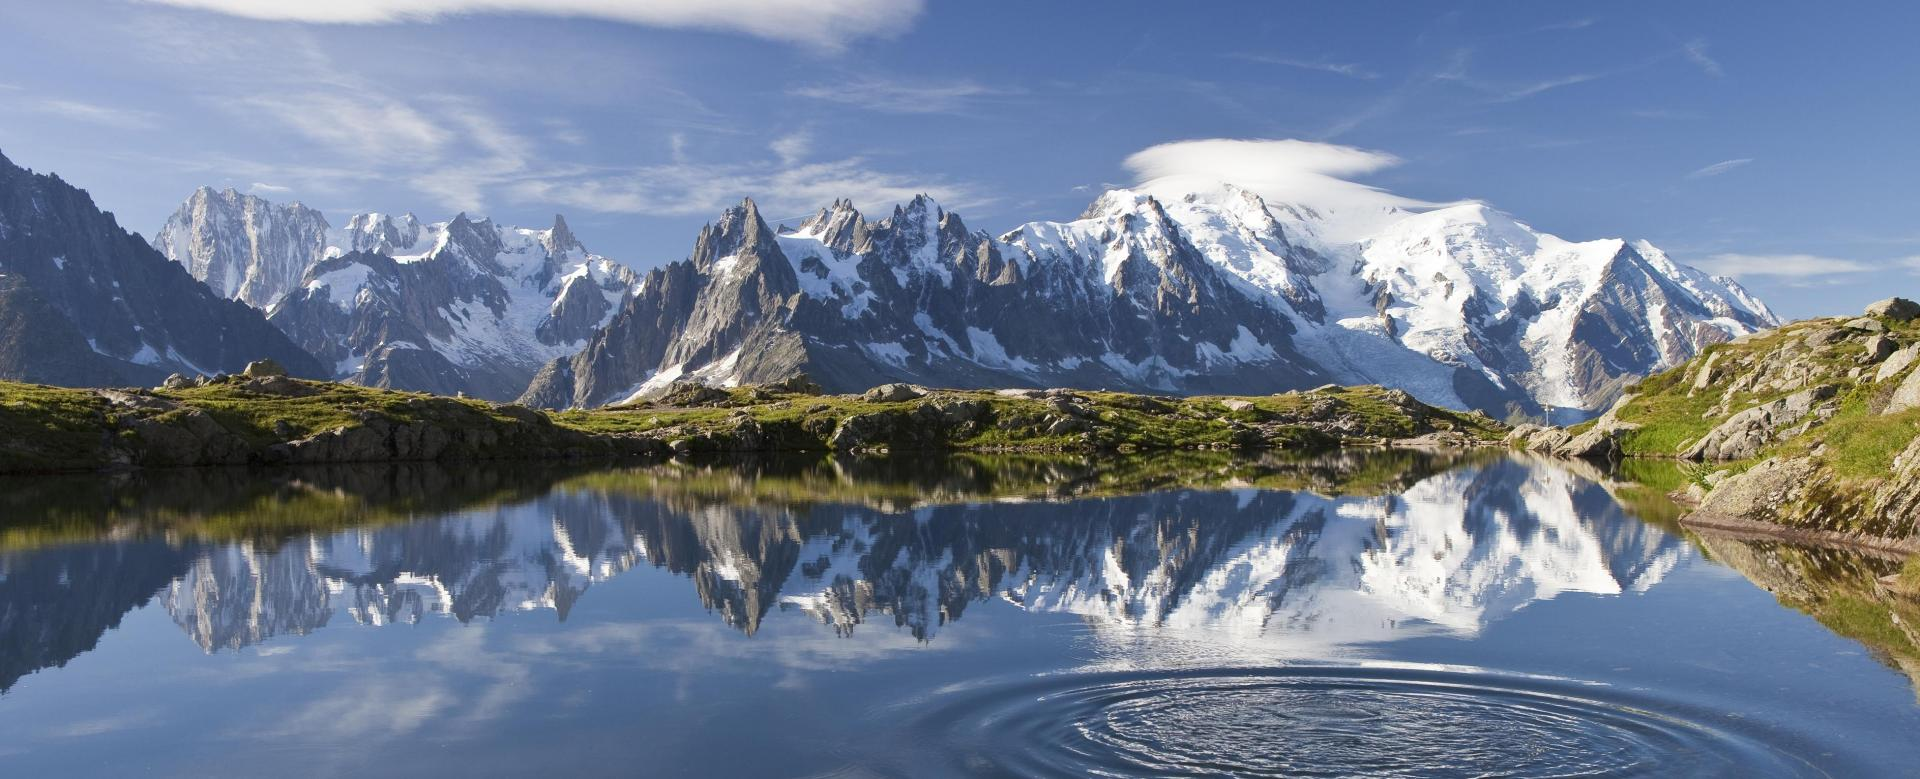 Voyage à pied : Le tour du mont-blanc en 7 jours